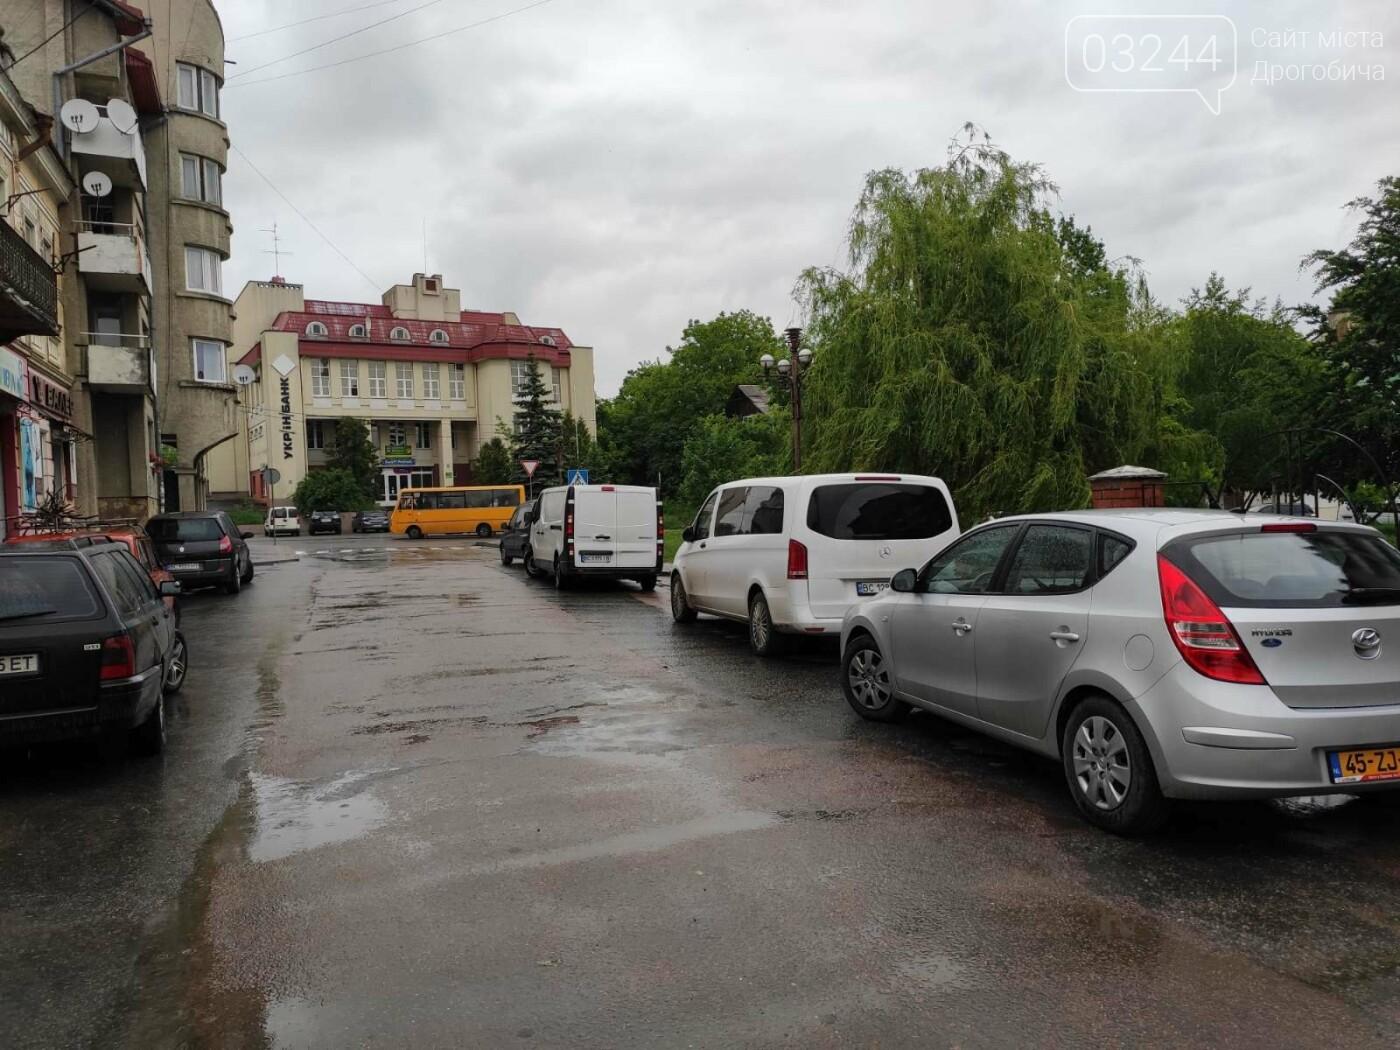 Після запуску платної системи паркування у центрі міста суттєво поменшало машин, - ФОТОРЕПОРТАЖ, фото-21